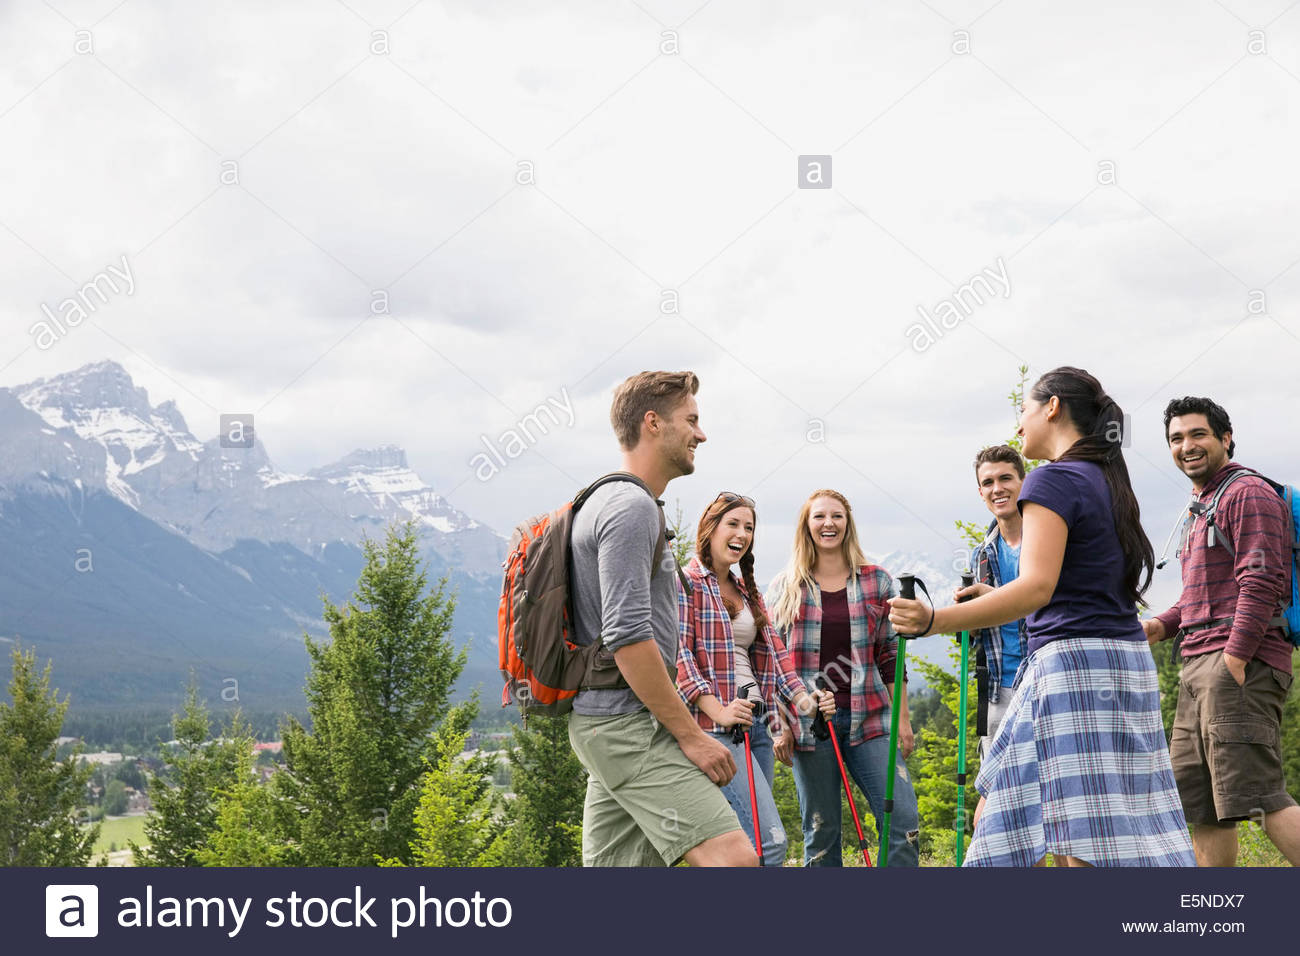 Freunde in der Nähe von Bergen wandern Stockbild